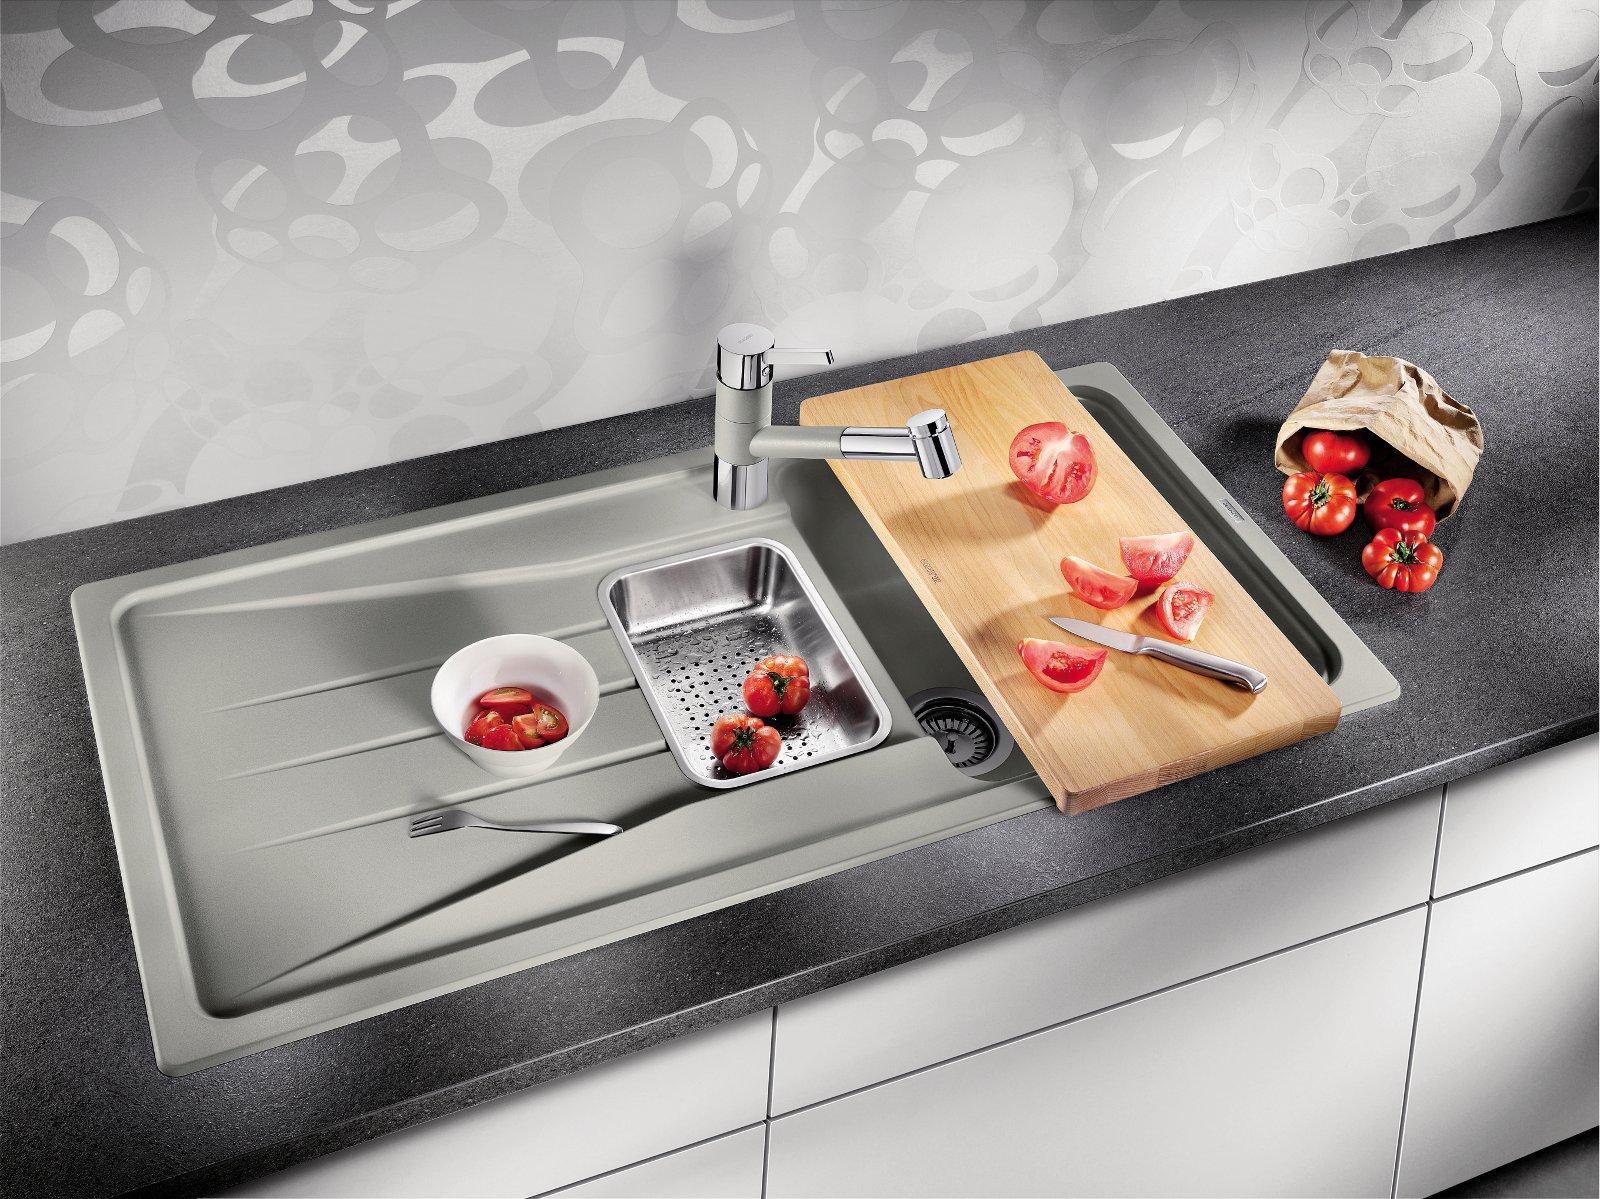 Кухонная мойка жемчужно-серого цвета из фирменного материала SILGRANIT от  Blanco 2014 - вид В